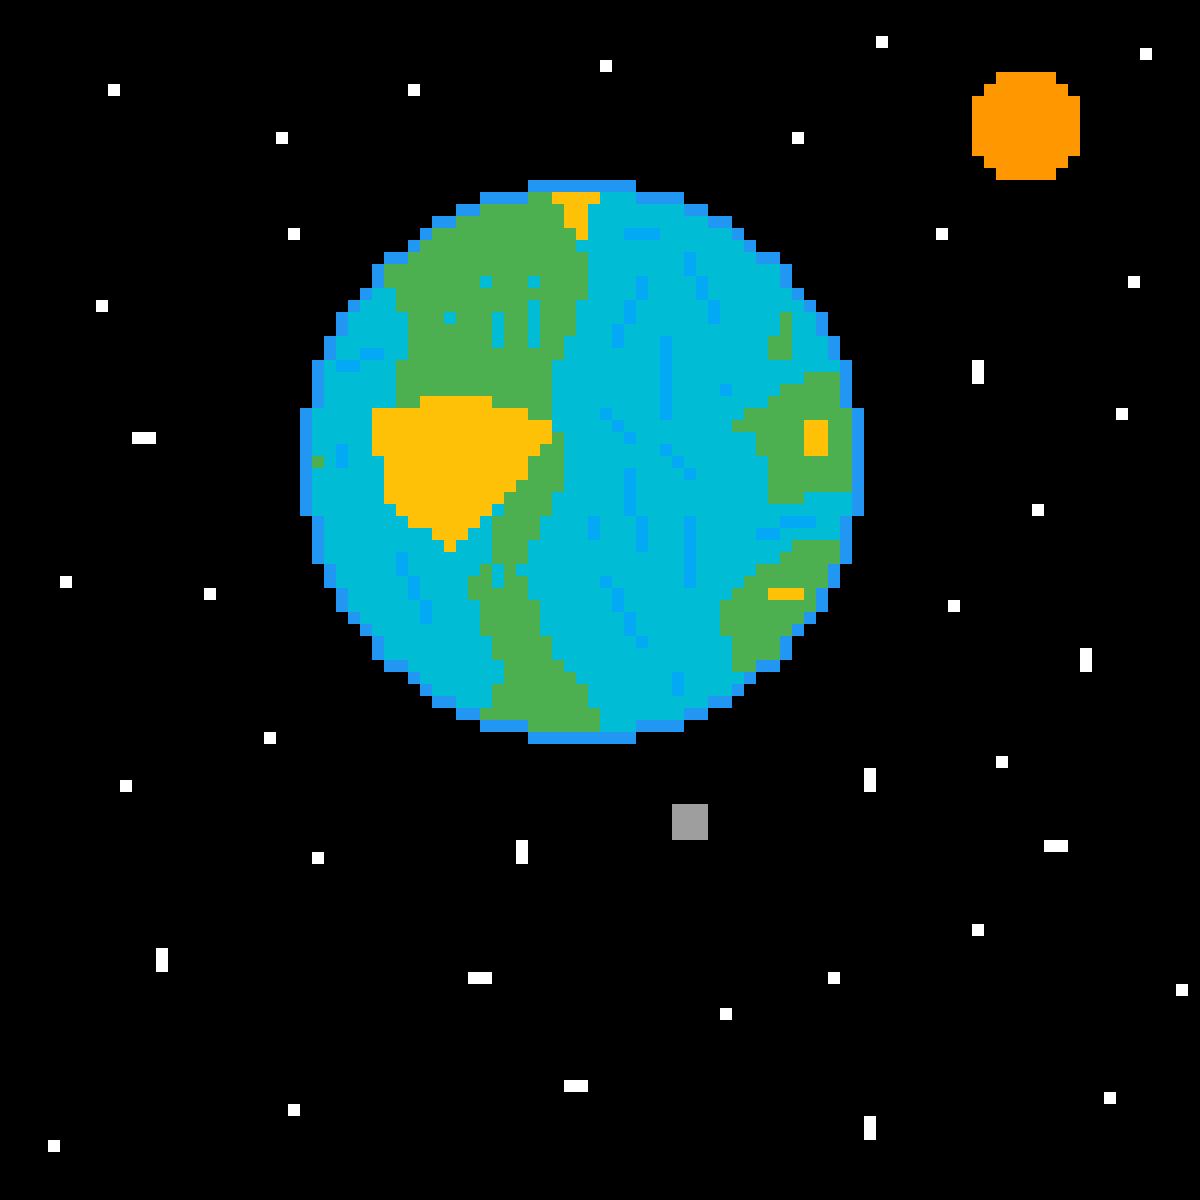 Derpy earth by Pixelart-King